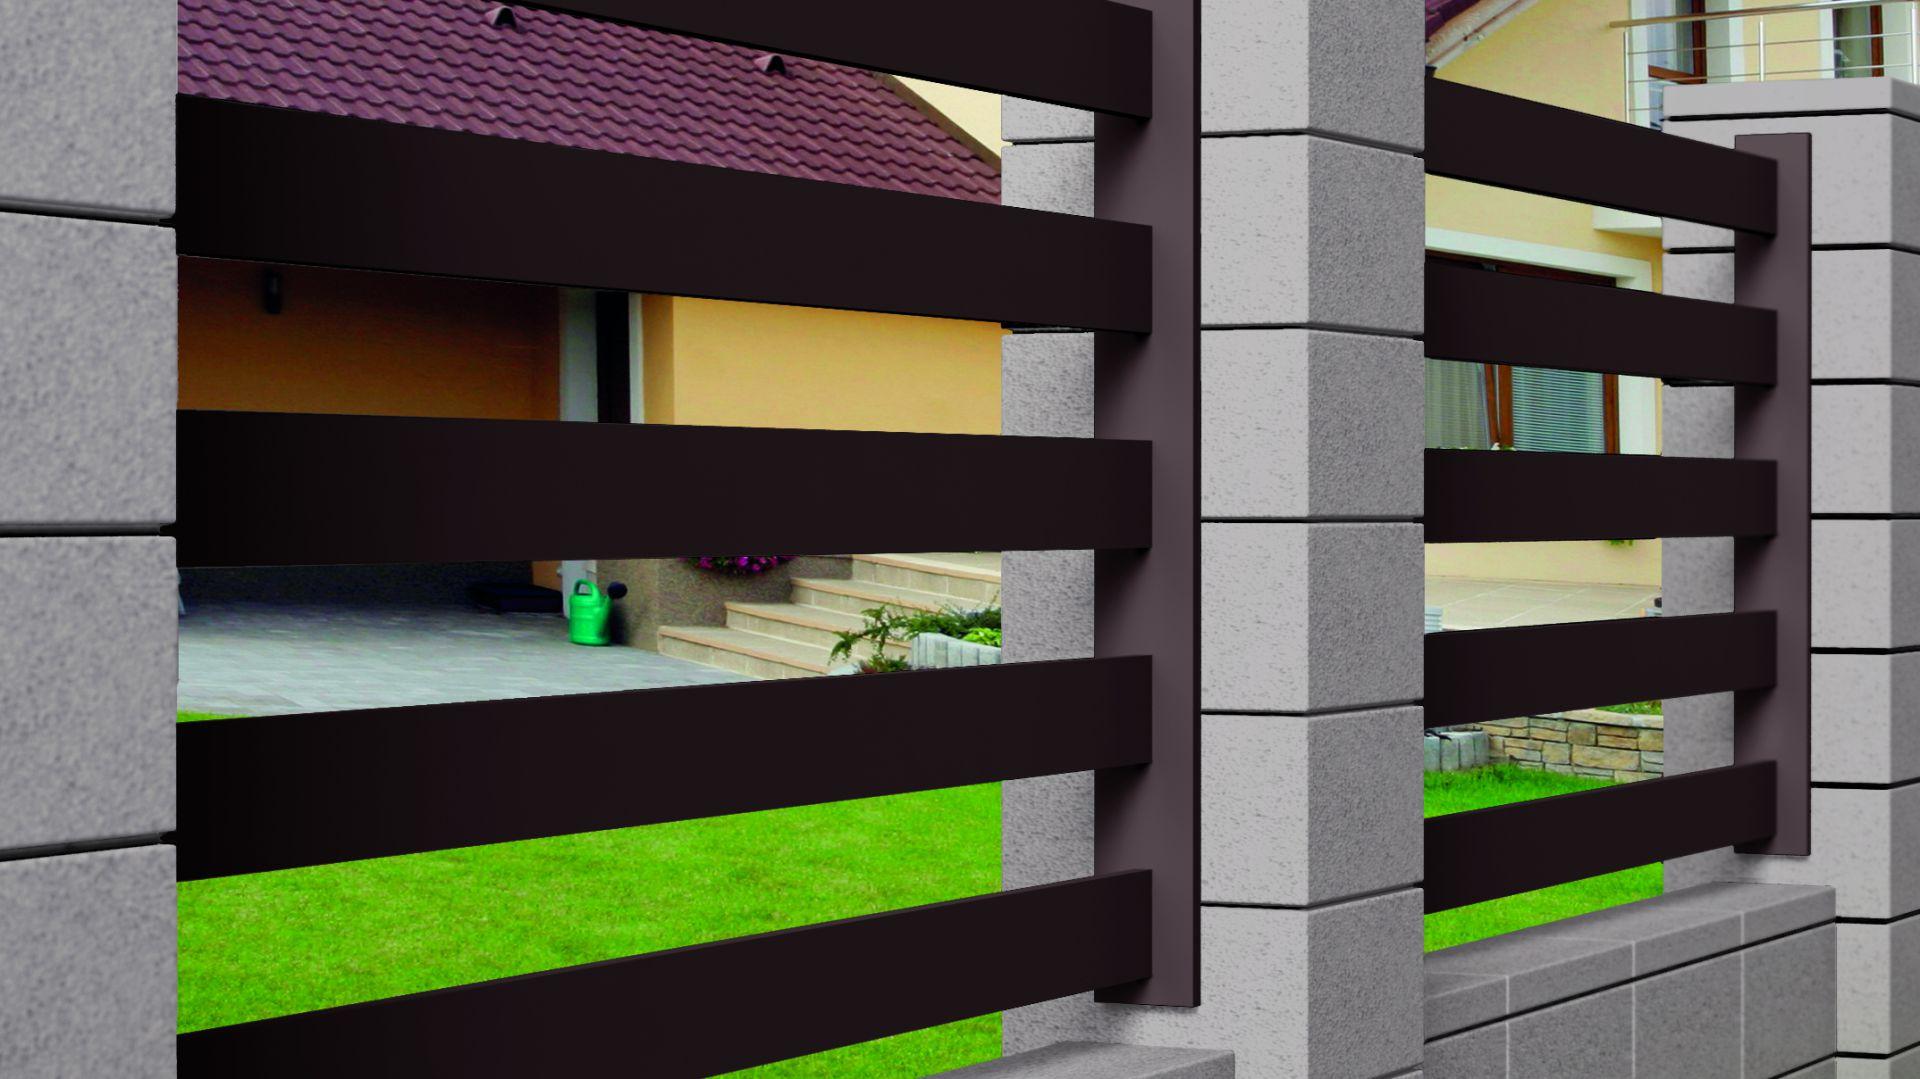 Ogrodzenie modułowe Cubus. Fot. Buszrem